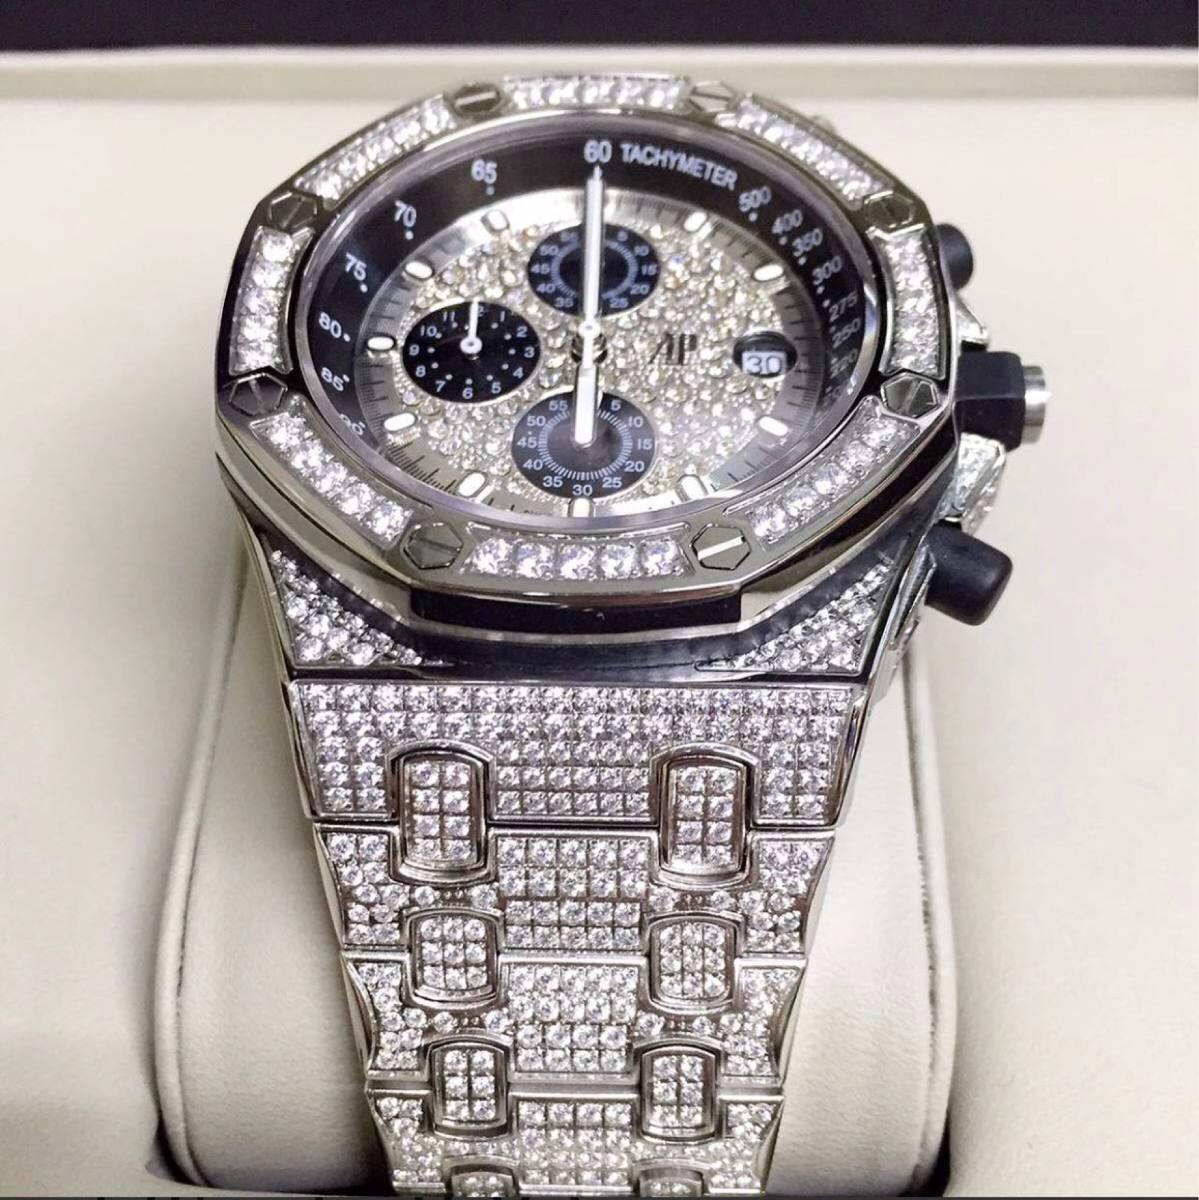 8c1f0fc659b Relógio Audemars Piguet Cravejado Garantia 1 Ano - R  3.899